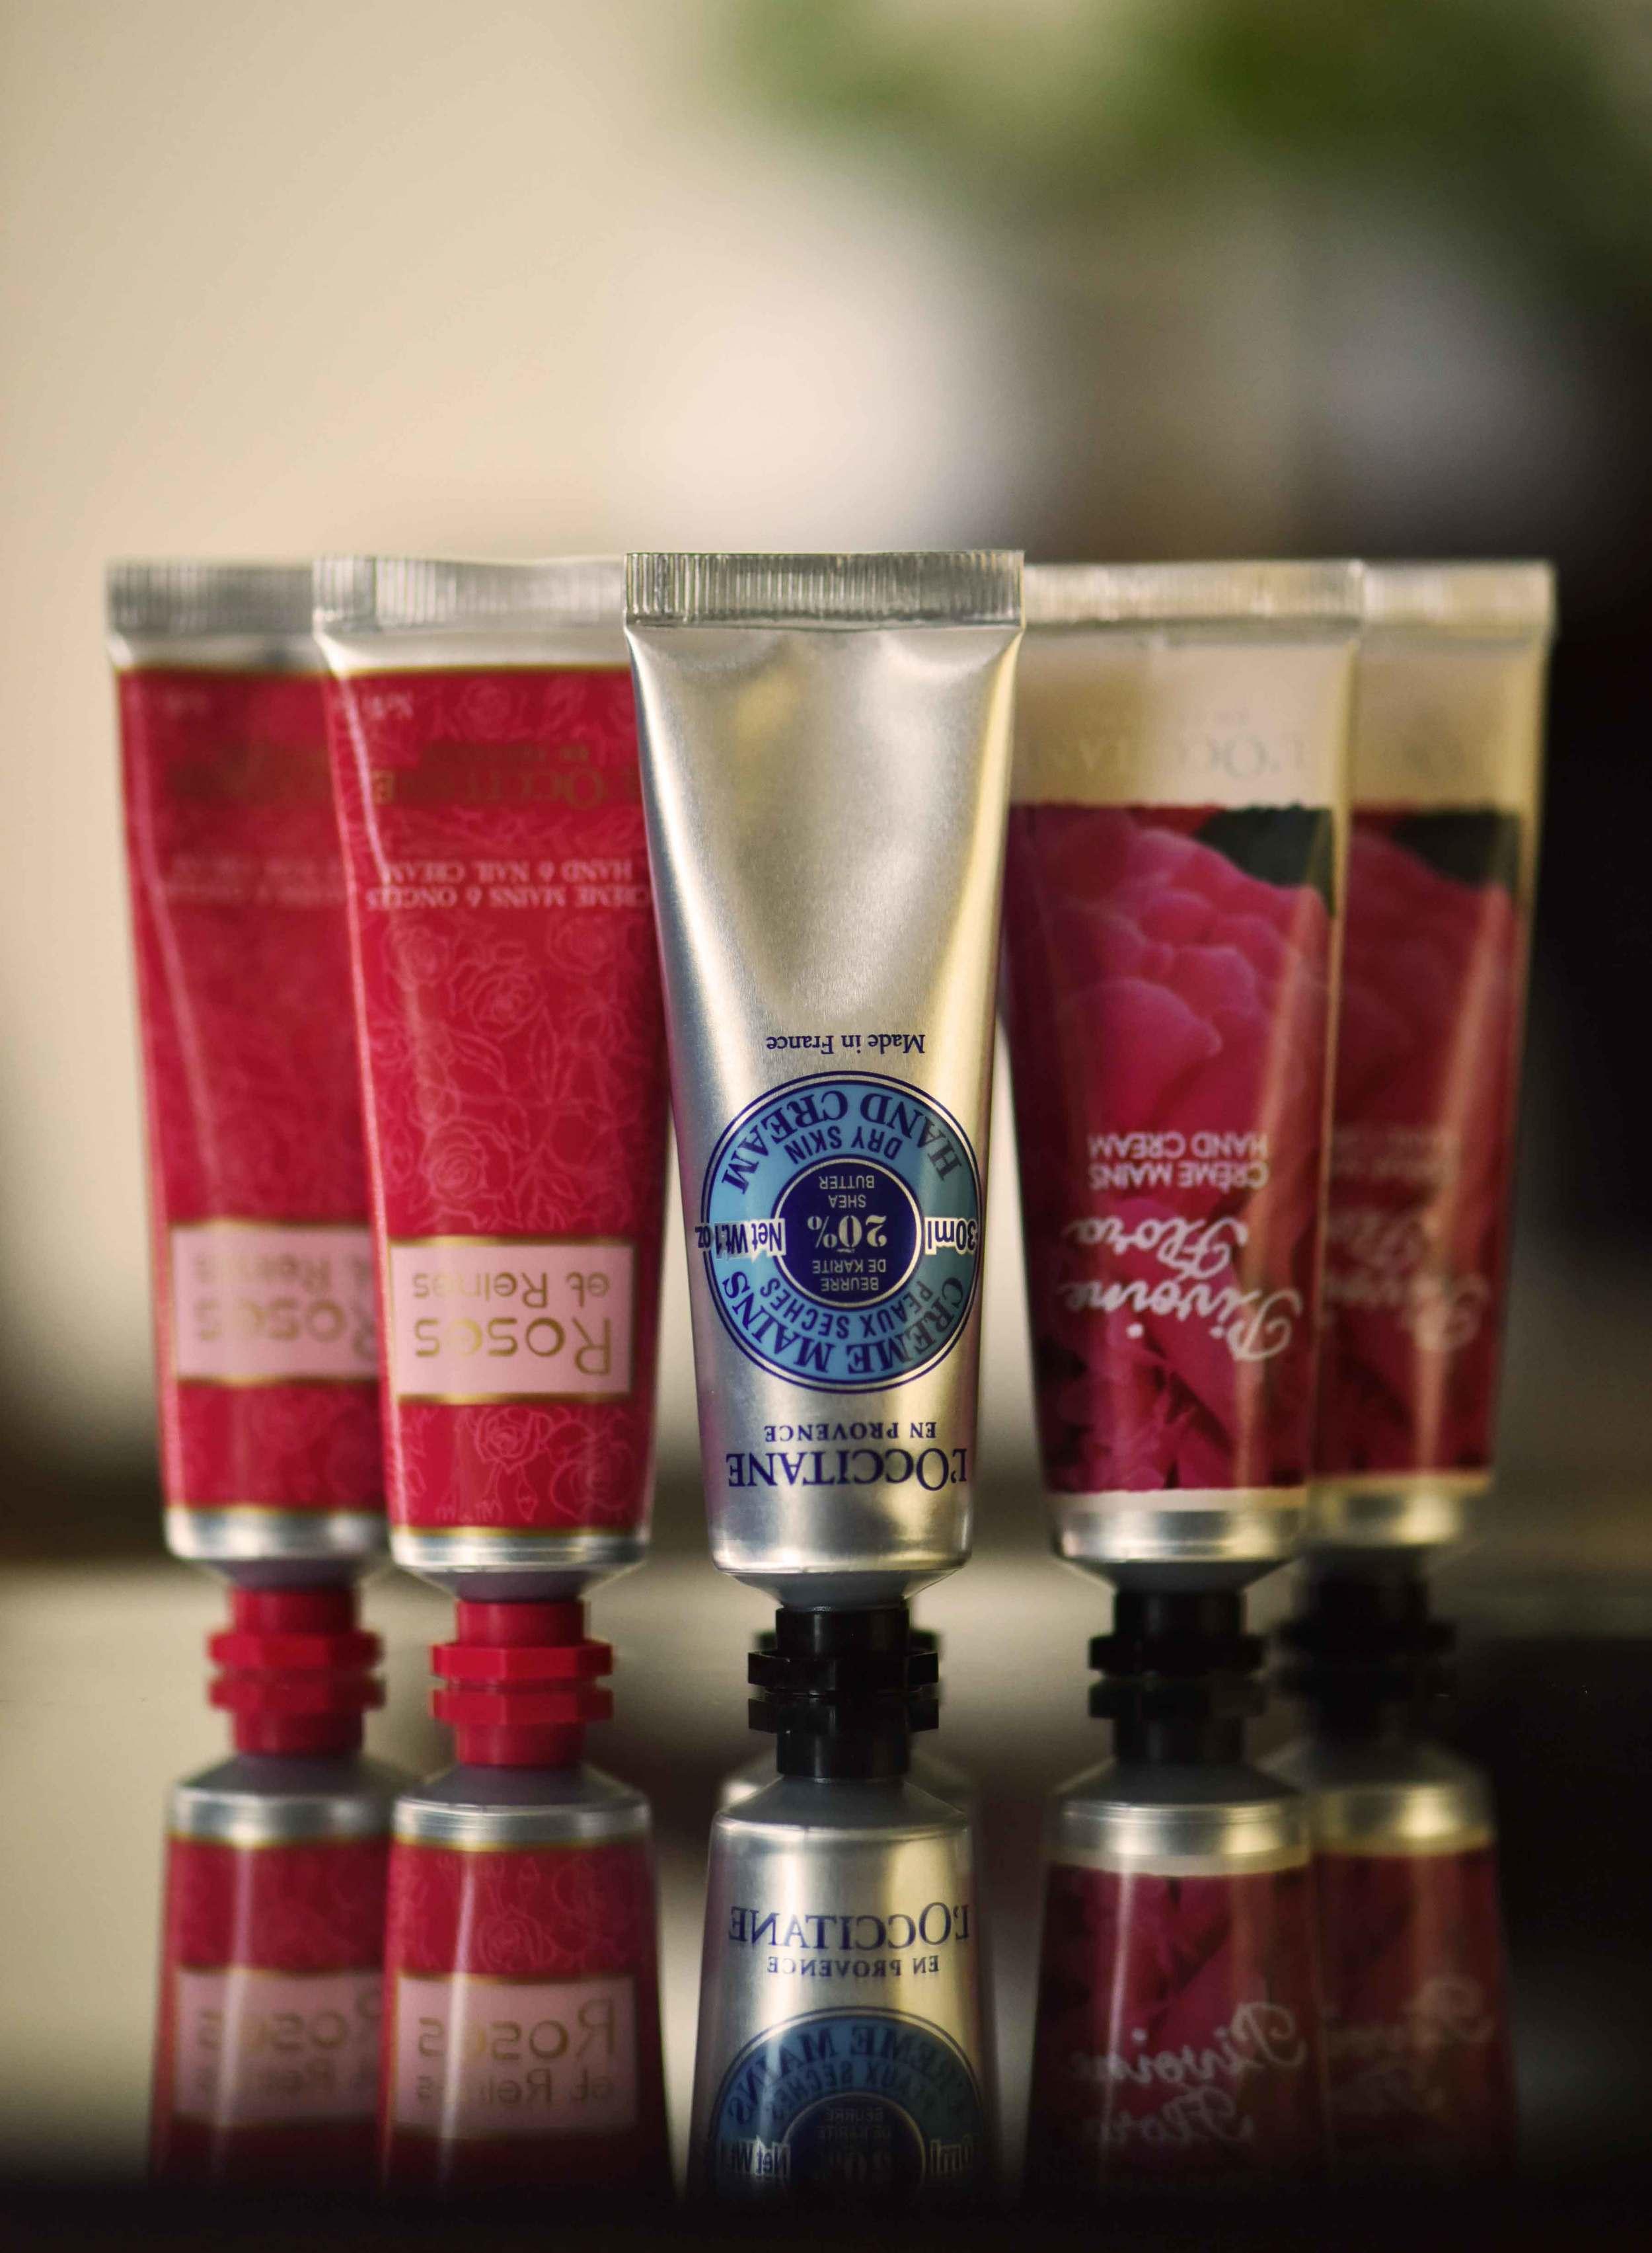 The L'Occitane hand cream set, image©gunjanvirk